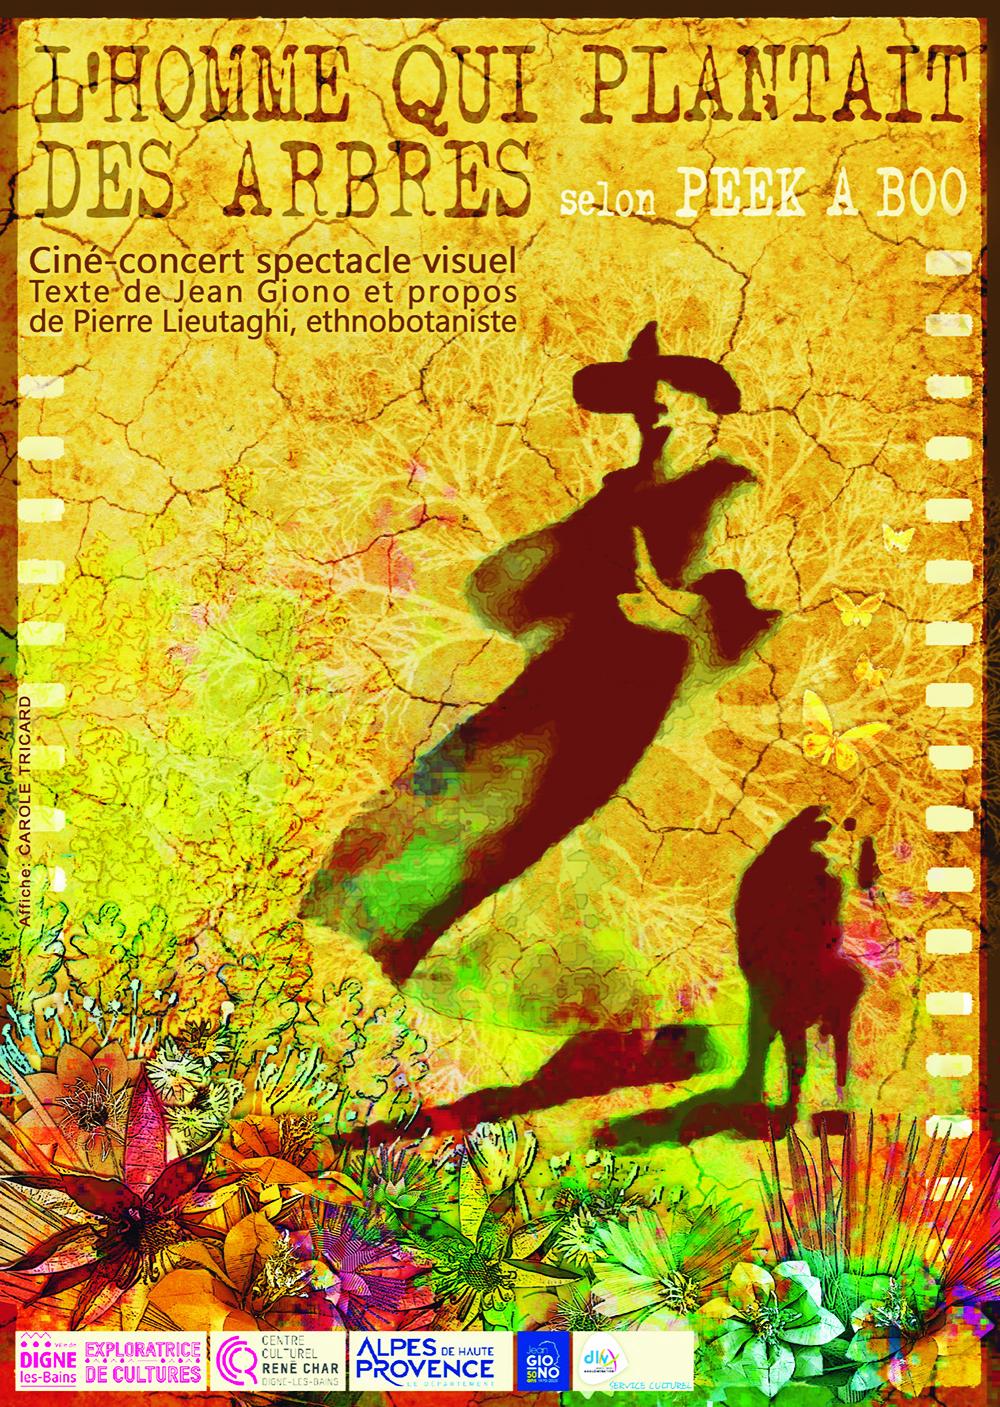 un spectacle ciné-concert sur des textes de Giono